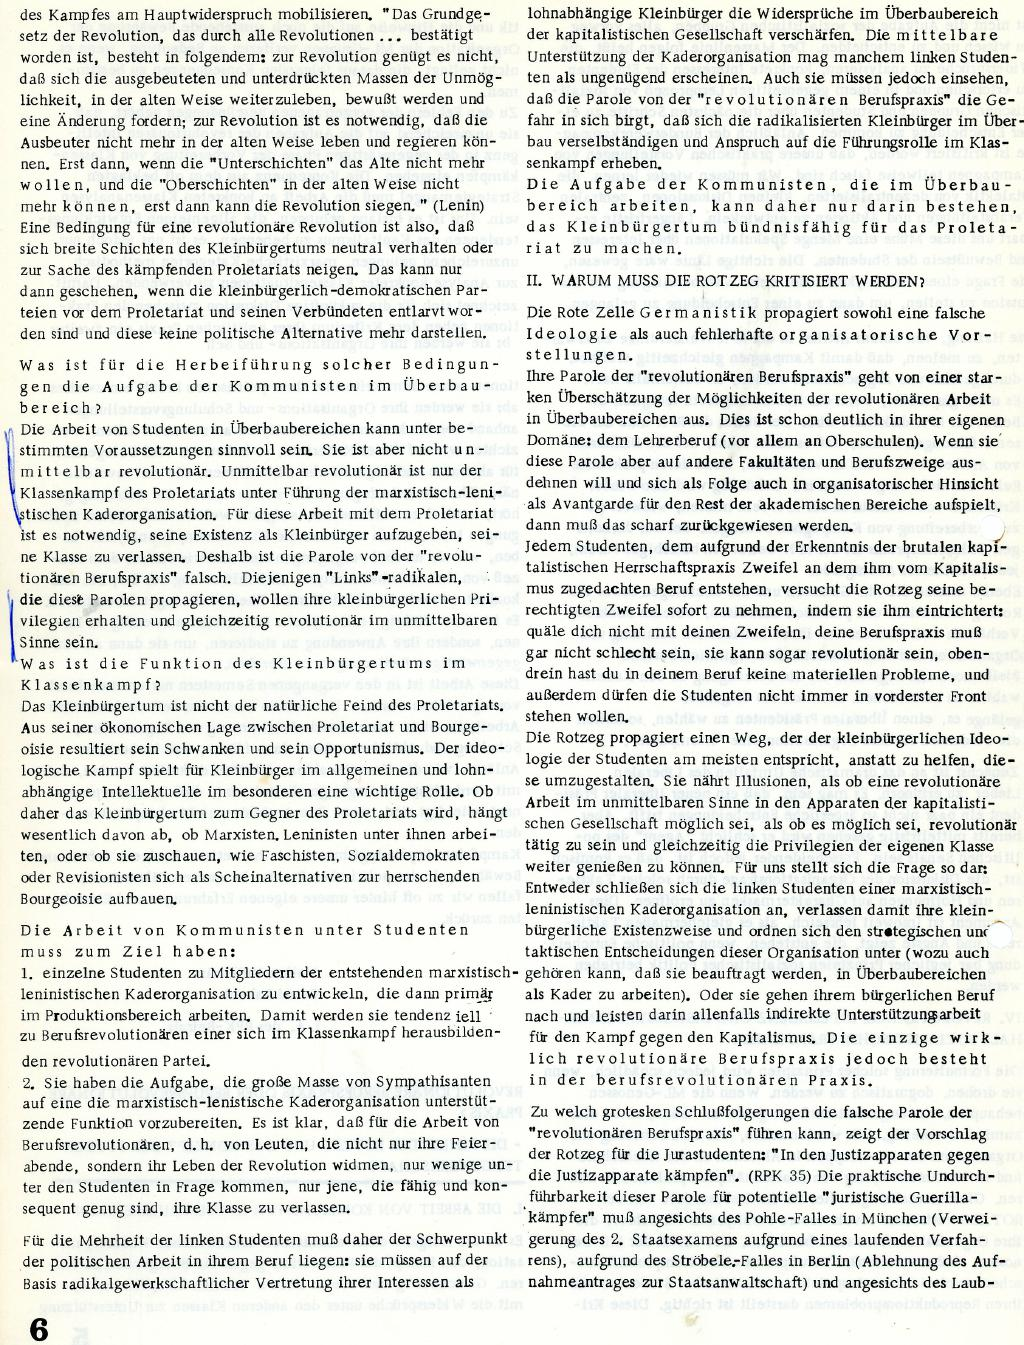 RPK_1969_037_06